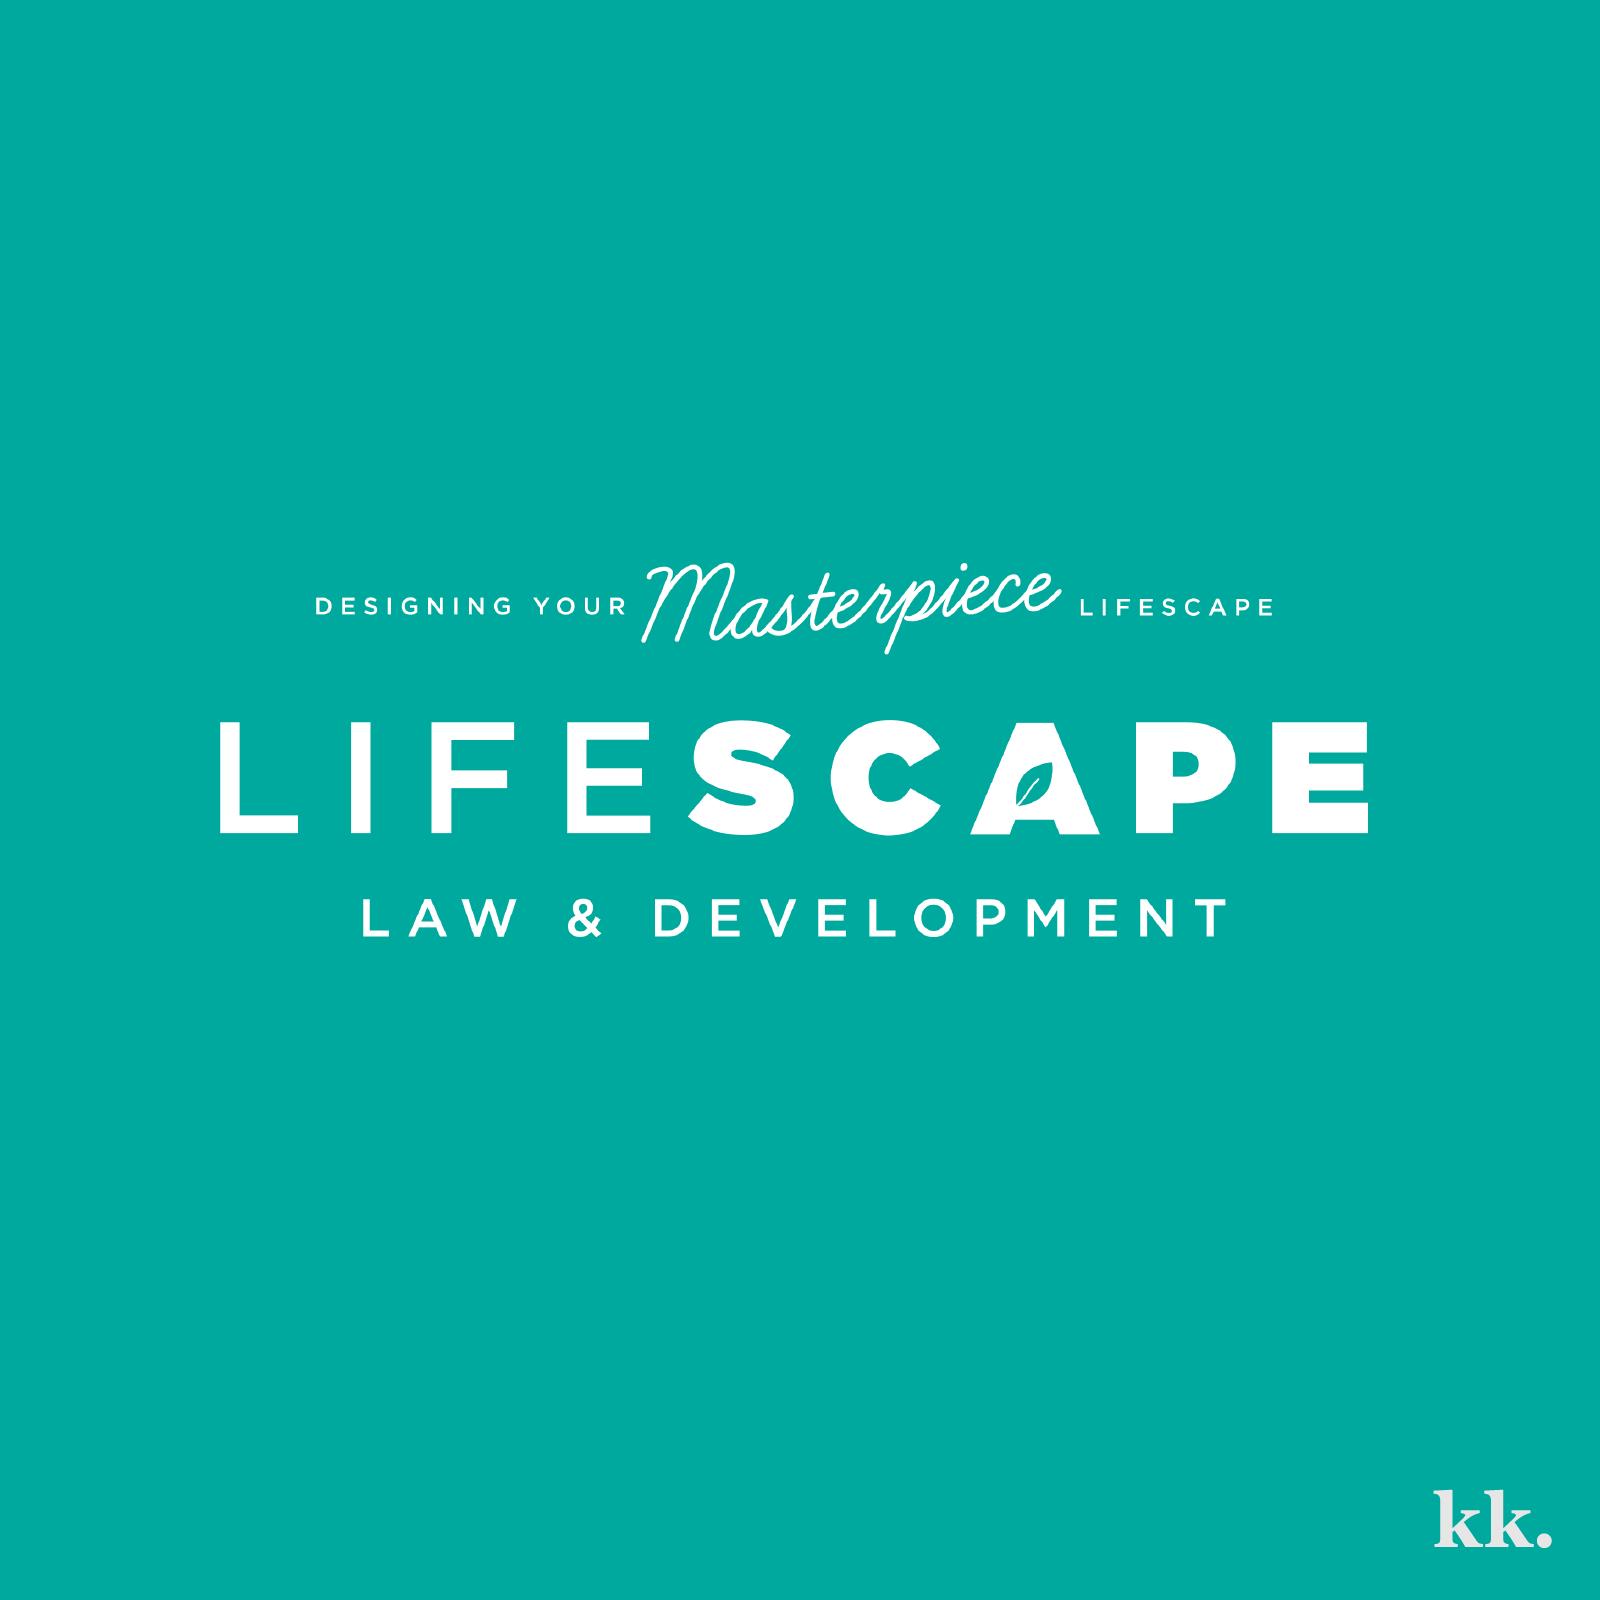 Lifescape Law & Development Logo | Katie Kassel, Kassel Creative